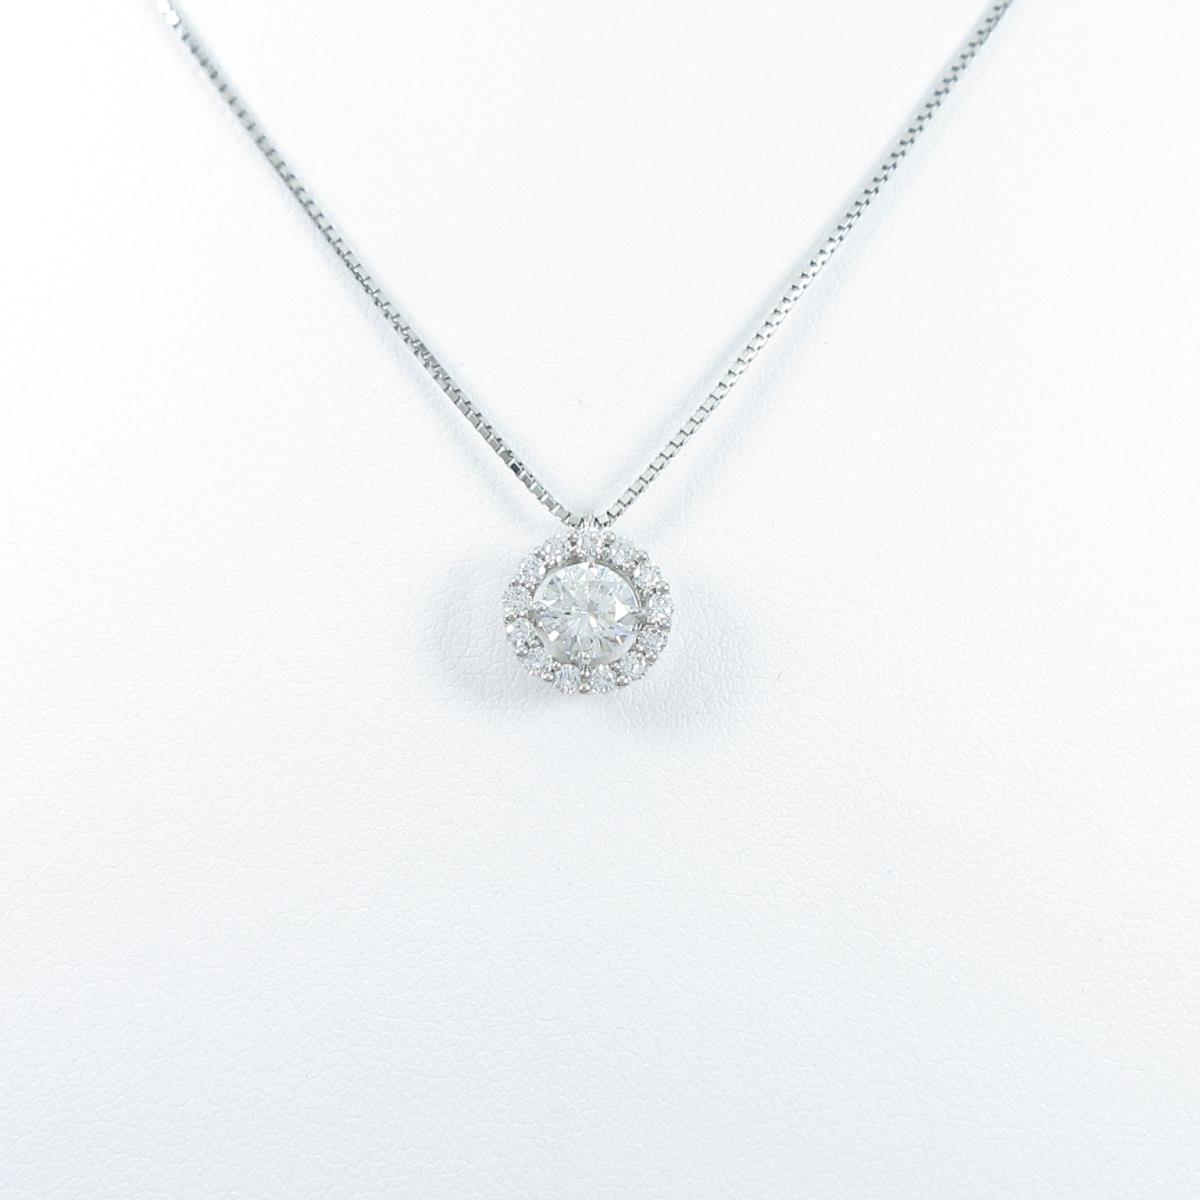 【新品】プラチナダイヤモンドネックレス 0.546ct・F・SI2・GOOD【新品】